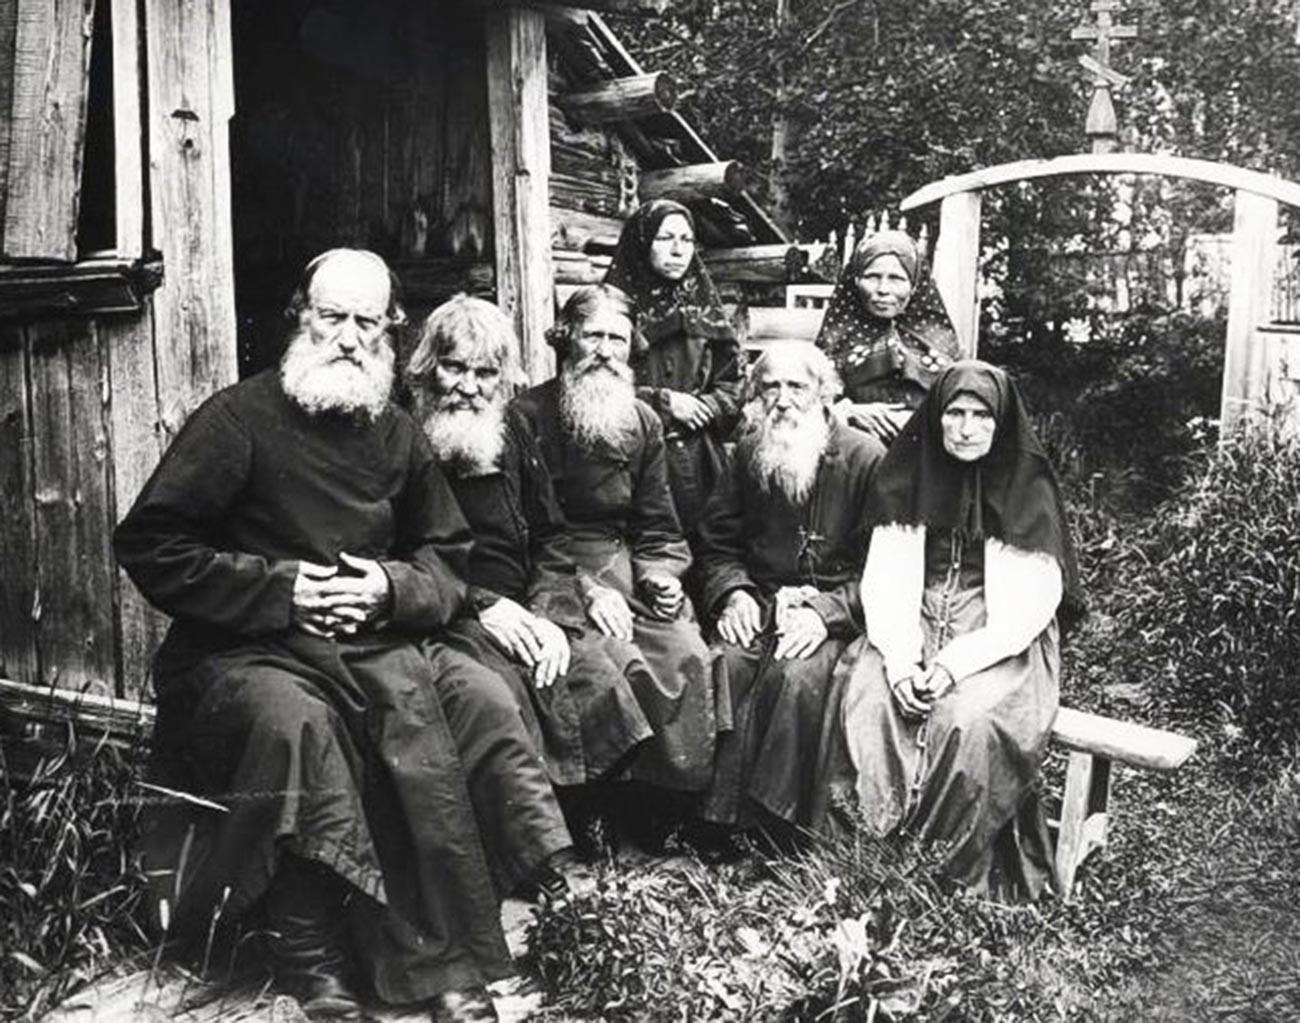 Skupina staroobredcev v 19. stoletju